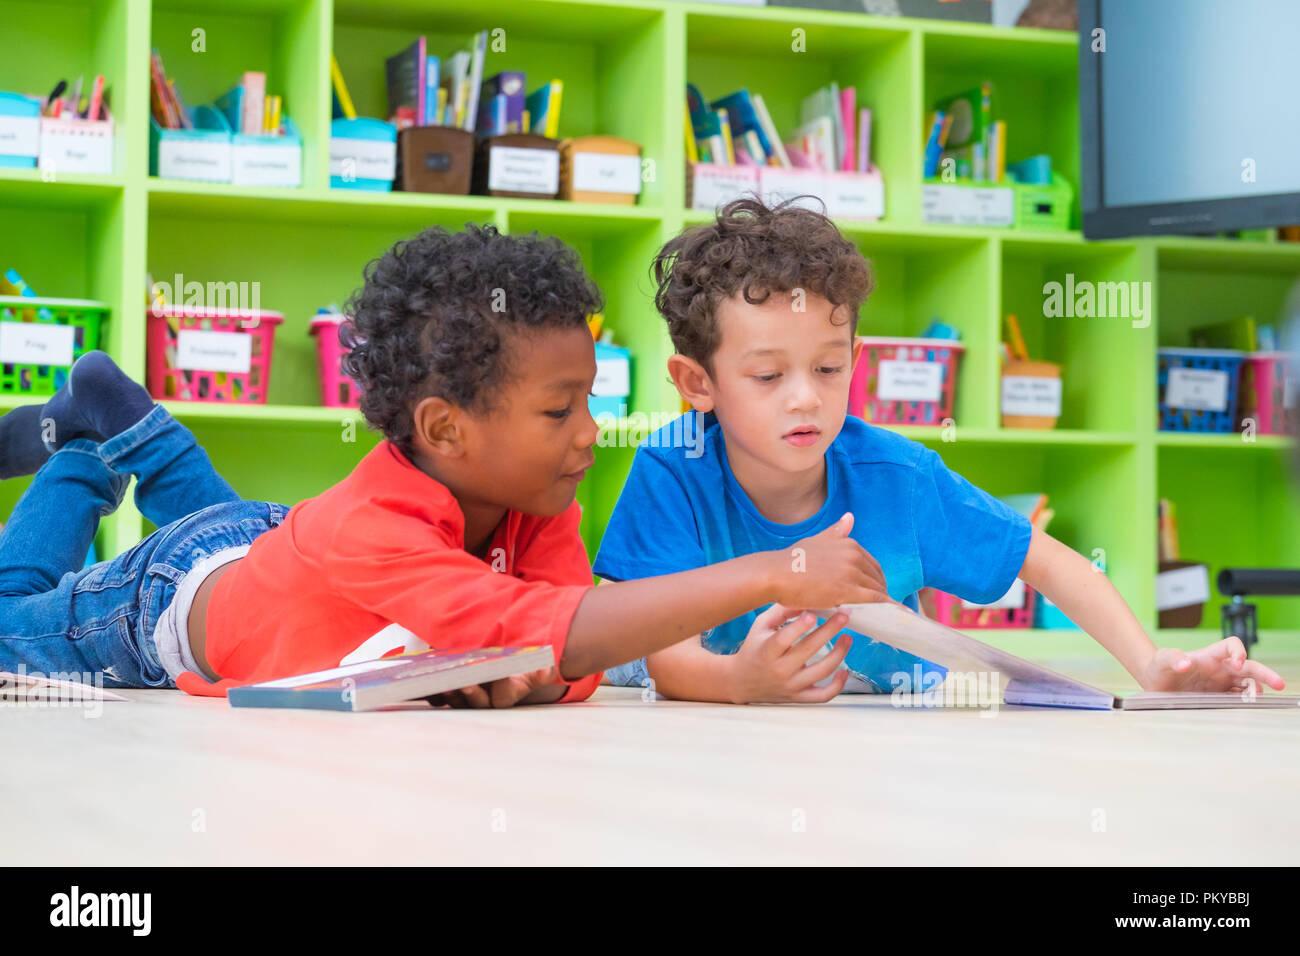 Zwei junge Kind legte sich auf den Boden und lesen Märchen Buch im Kindergarten Bibliothek, Kindergarten Schule Ausbildung Konzept Stockbild